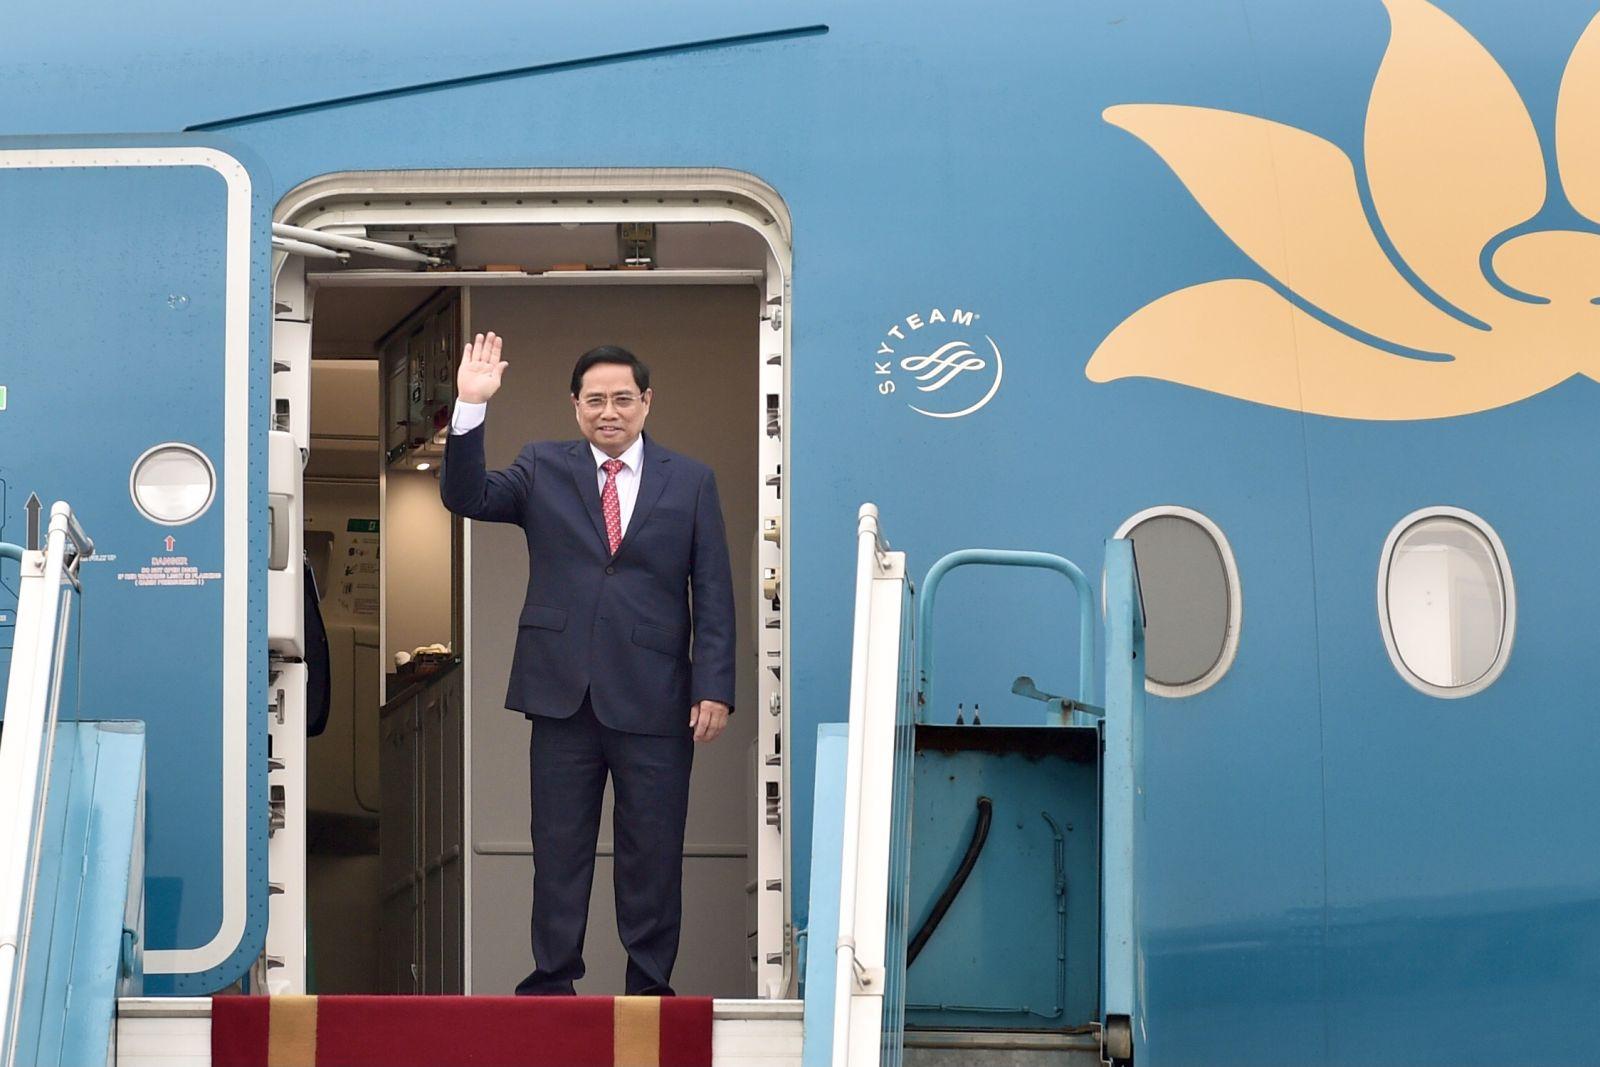 Thủ tướng Chính phủ Phạm Minh Chính lên đường tham dự Hội nghị các Nhà Lãnh đạo ASEAN được tổ chức tại Indonesia. Ảnh: VGP/Nhật Bắc